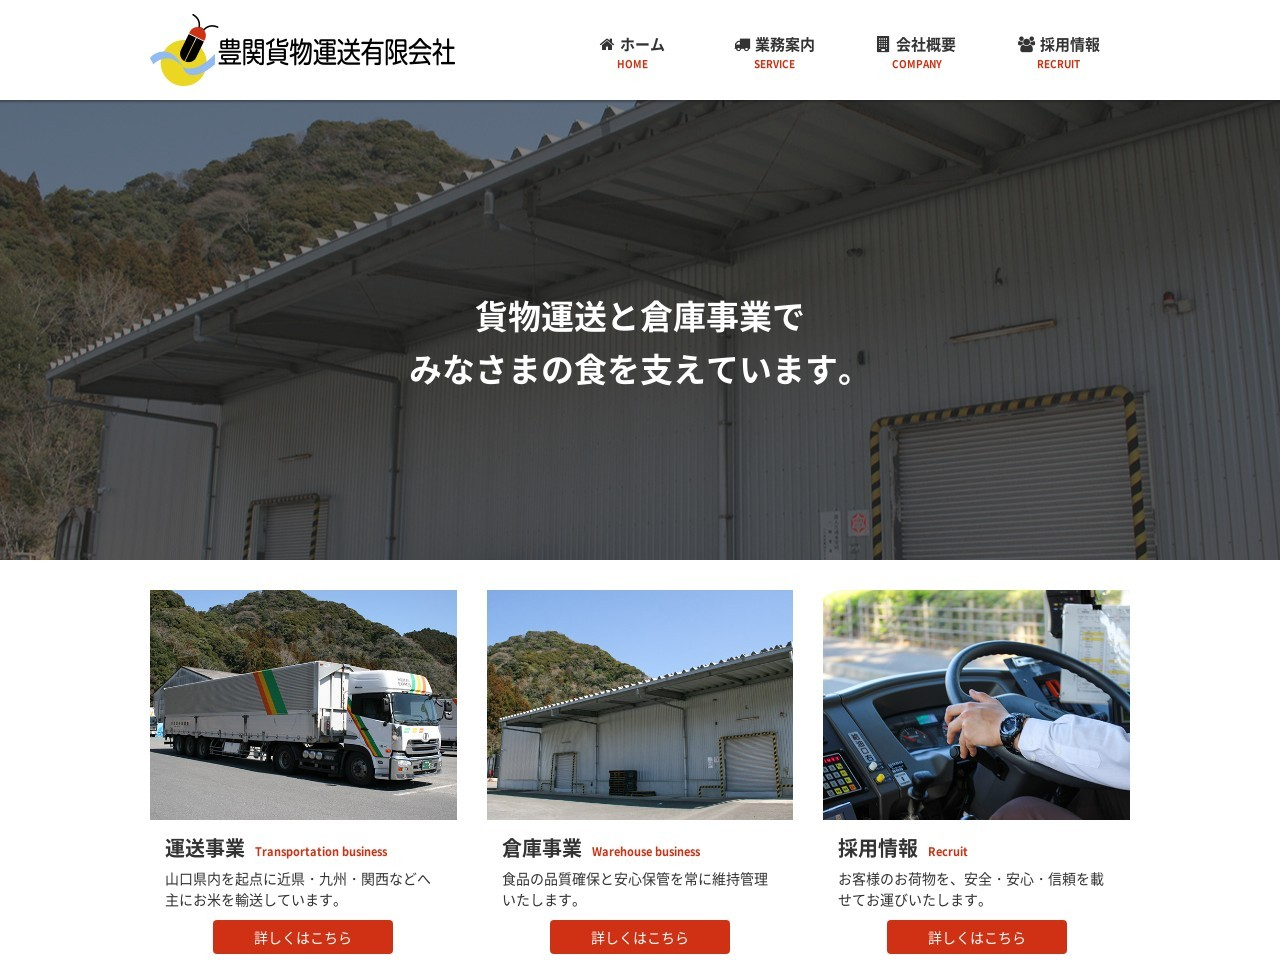 豊関貨物運送有限会社